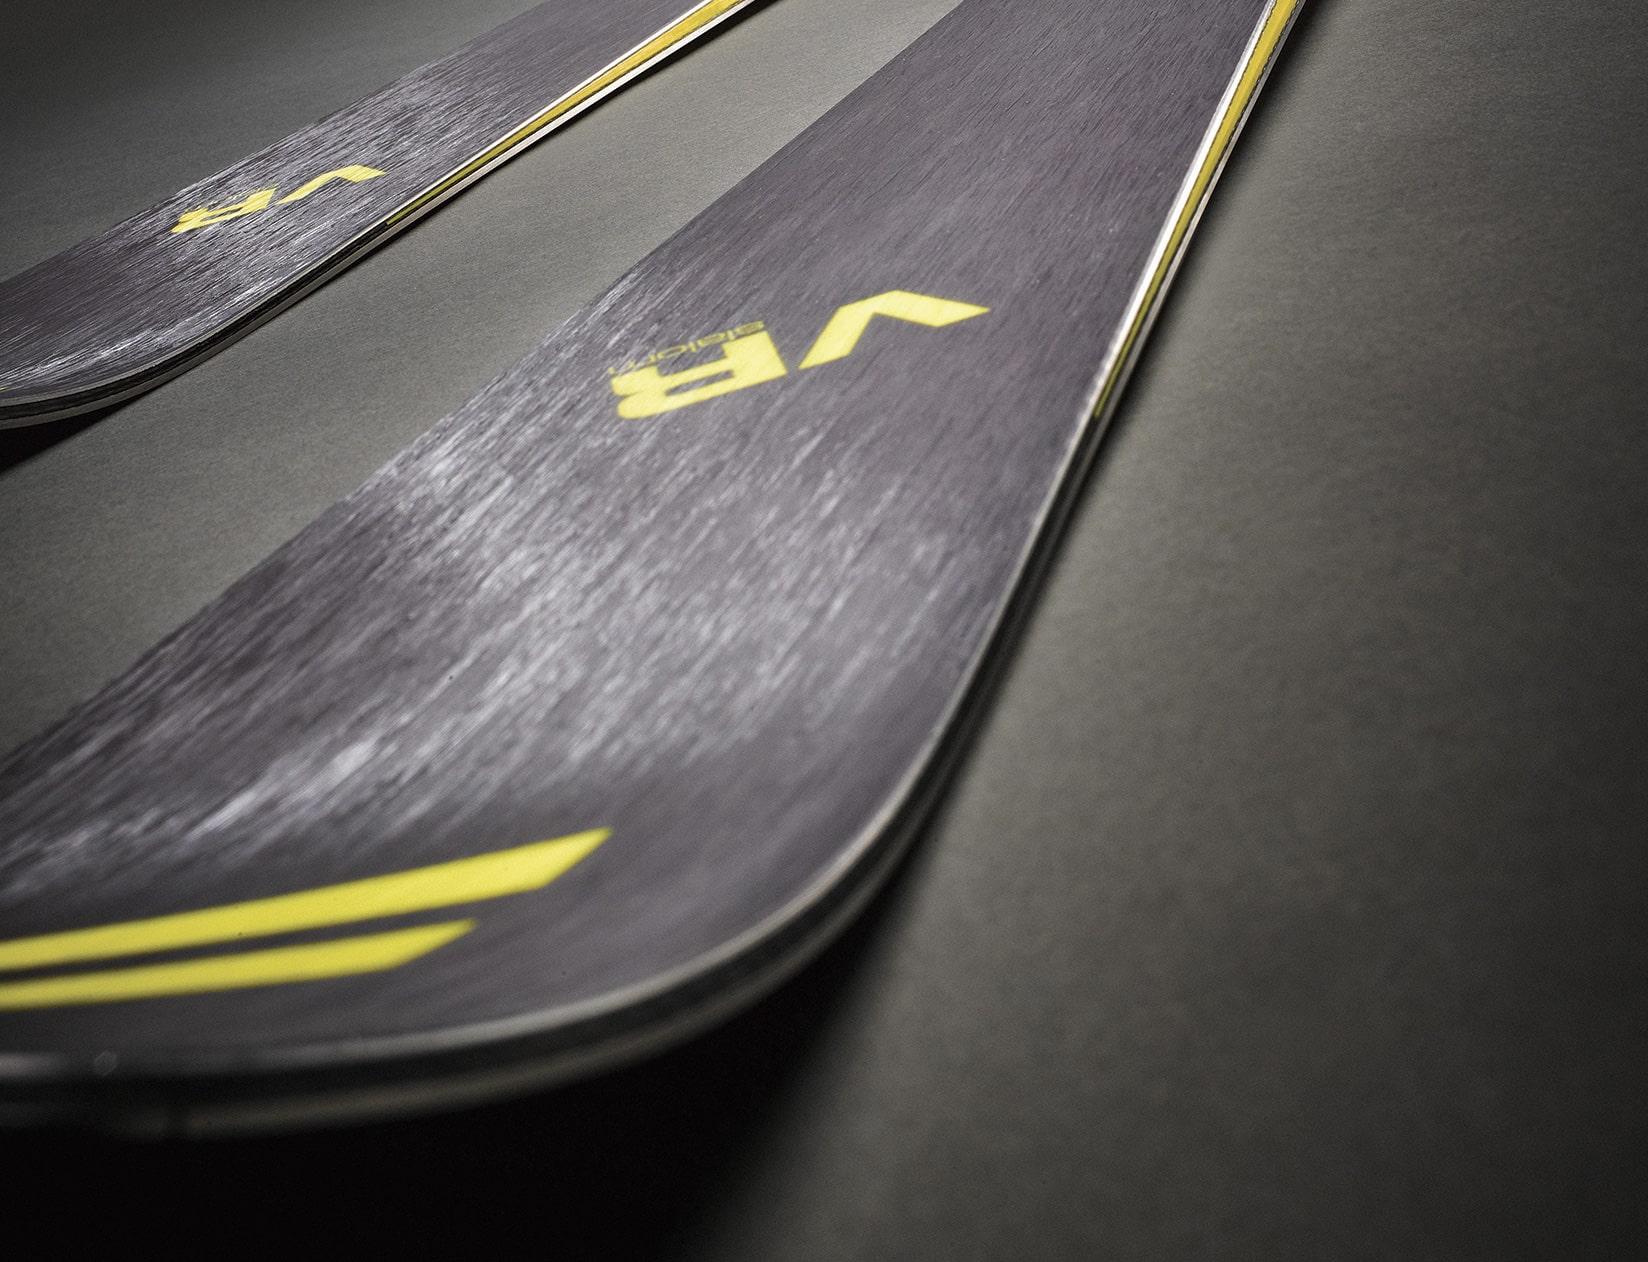 Dynamic - ski VR Slalom - photo ambiance des skis